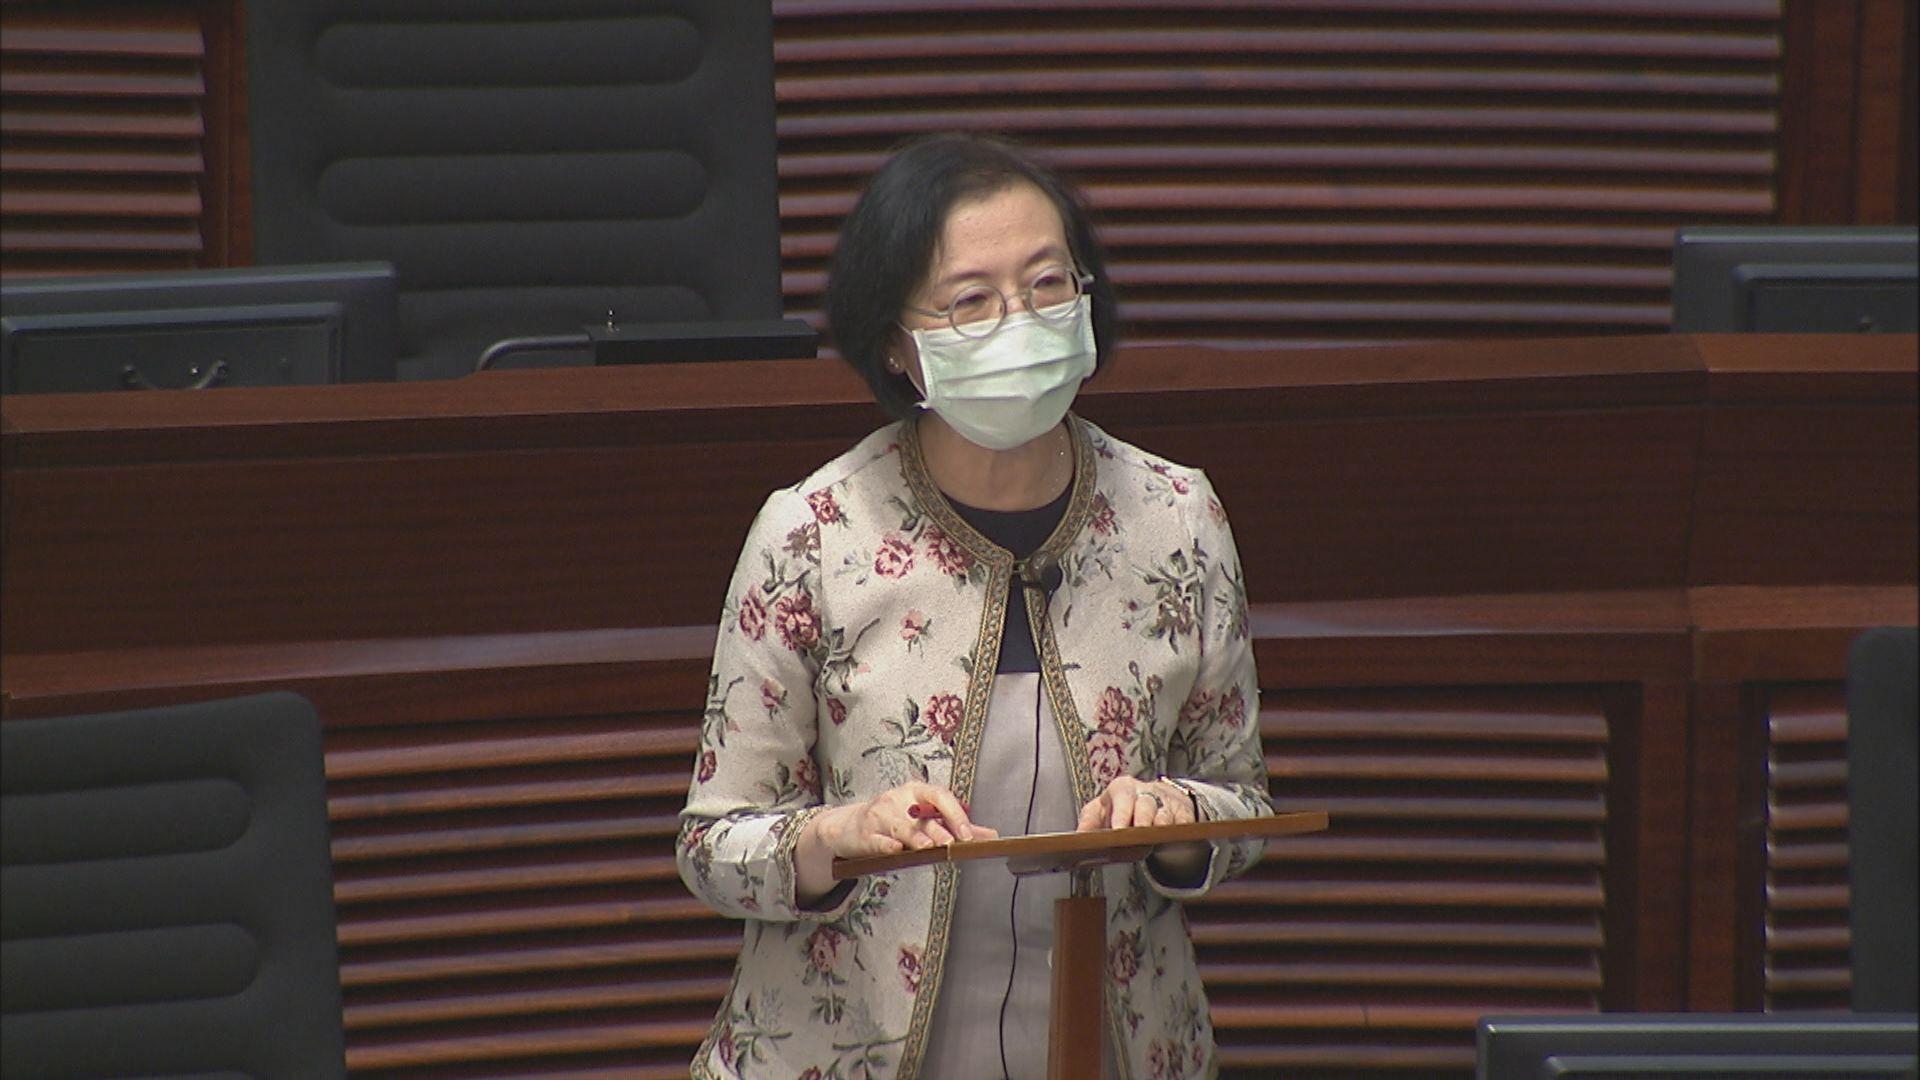 醫護年初罷工 陳肇始:按機制嚴肅處理七千缺勤員工